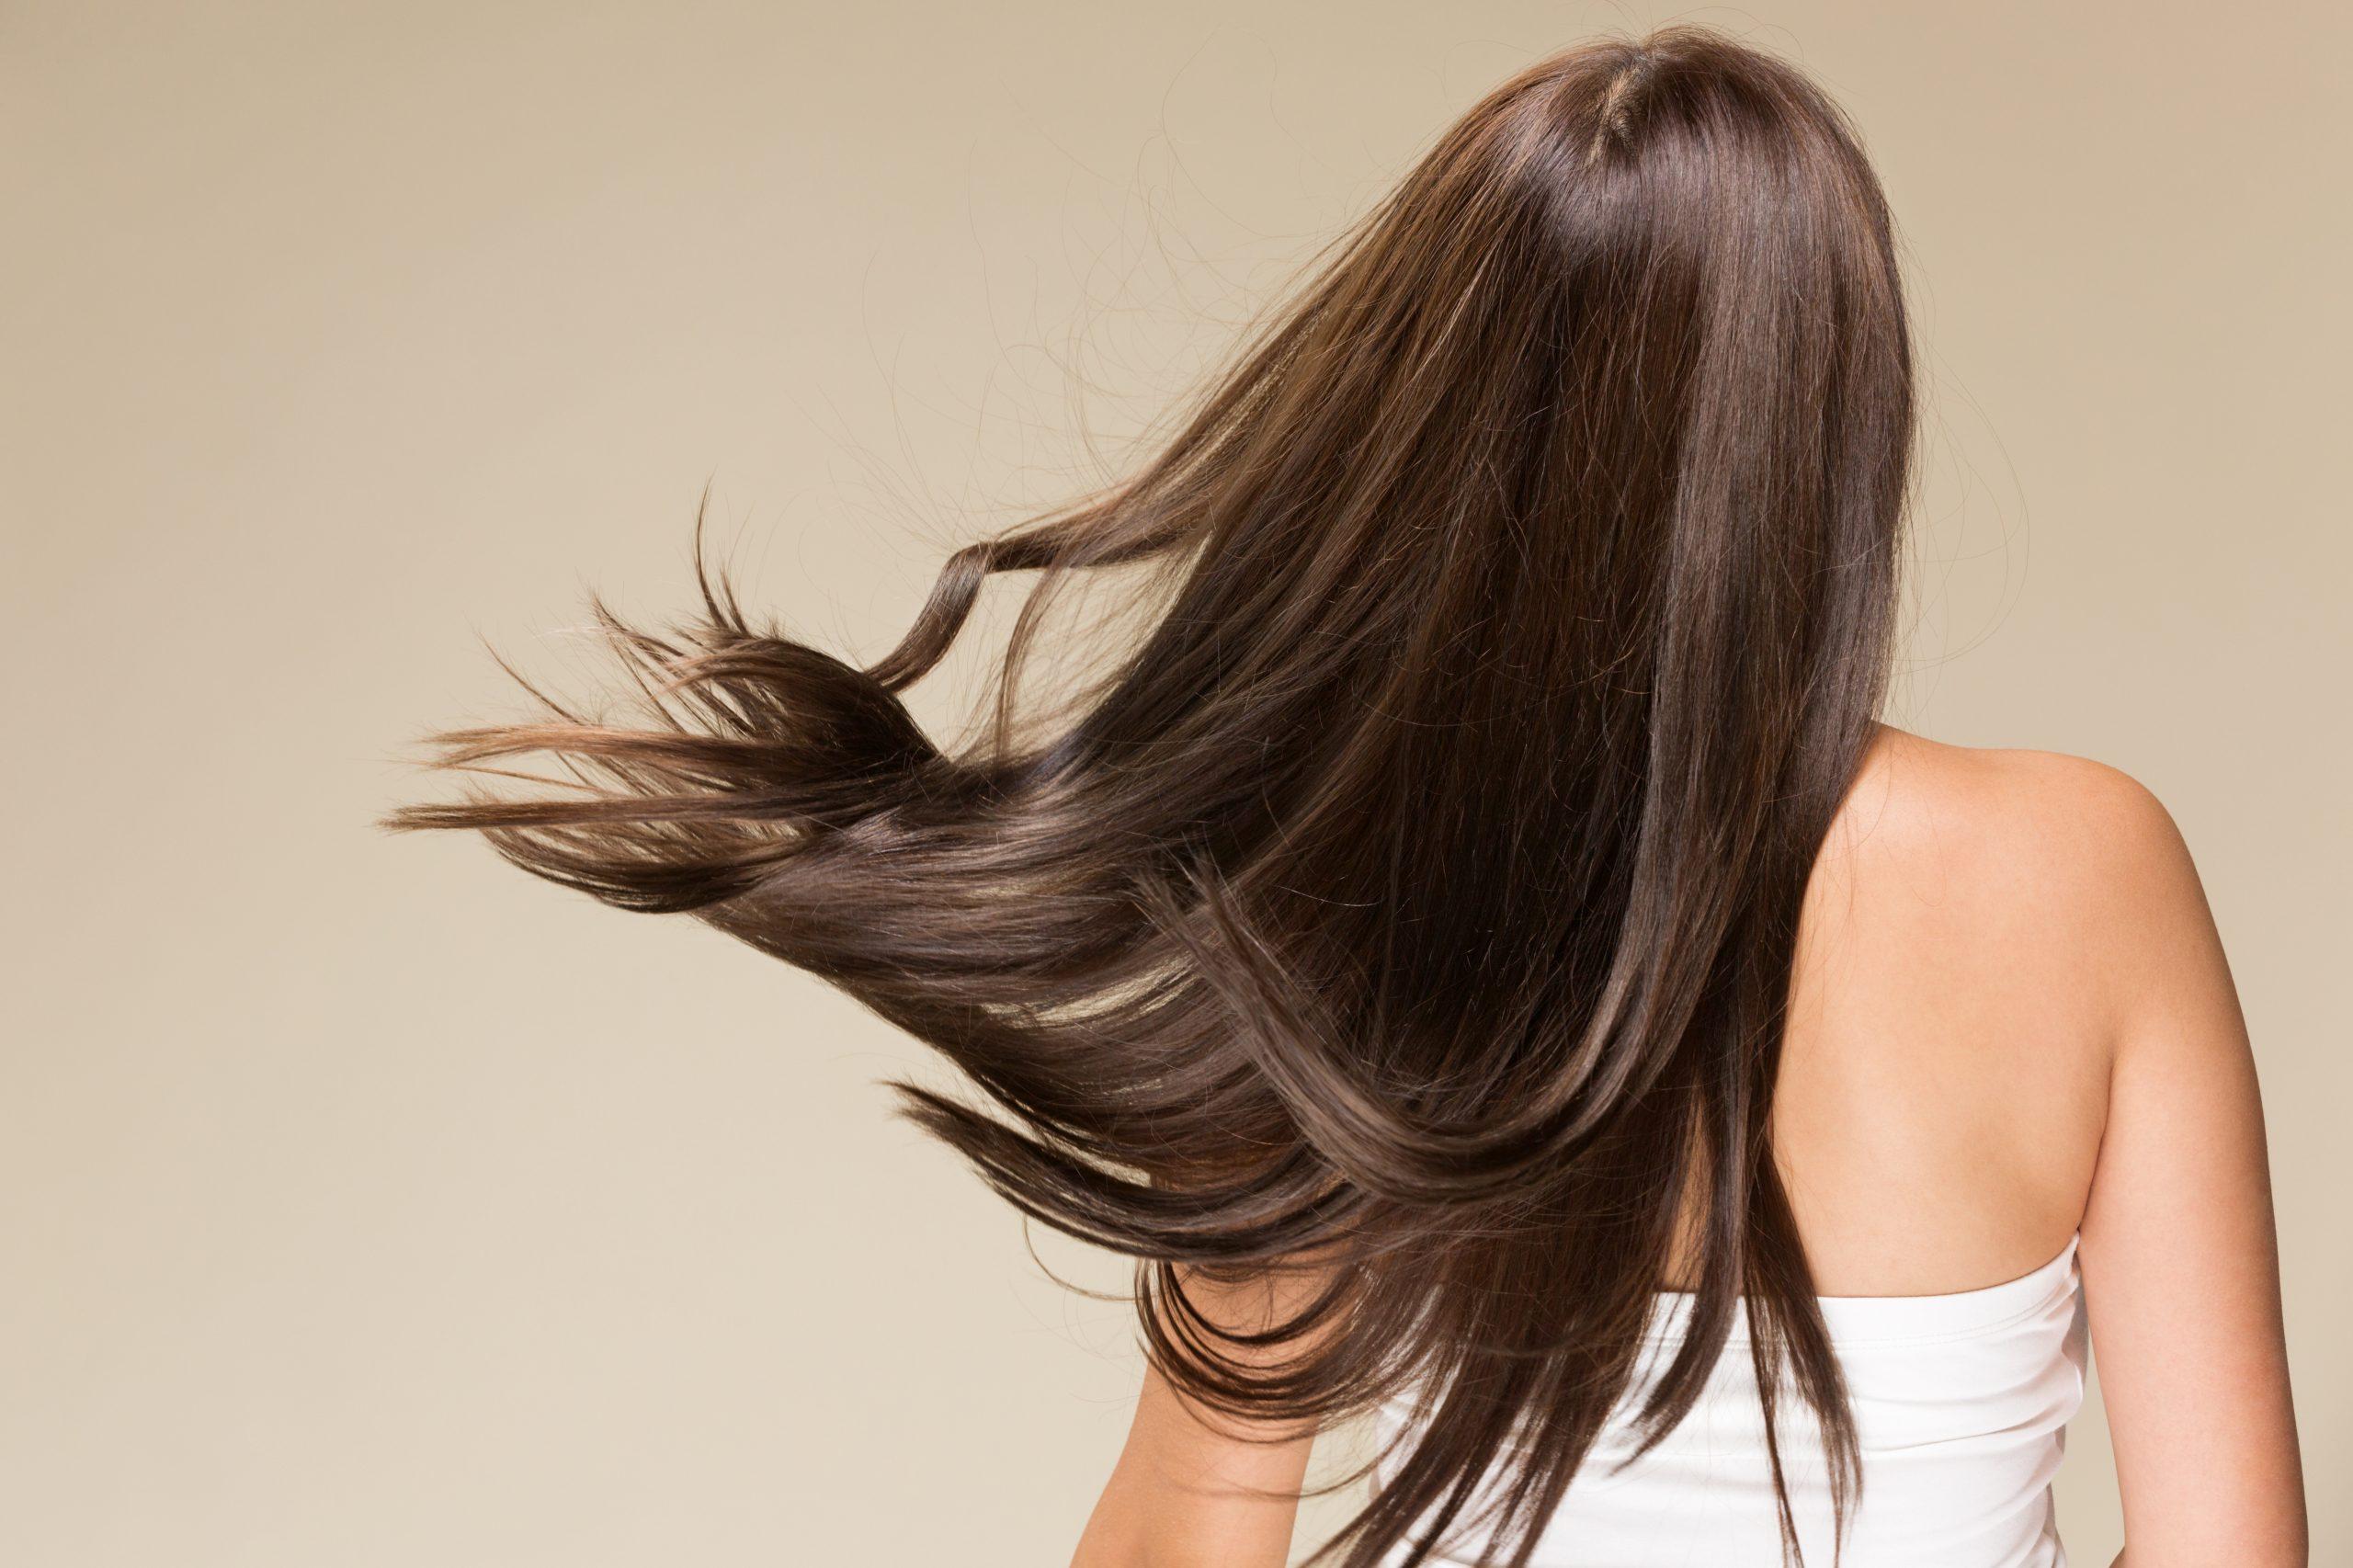 躍動感あるツヤ髪